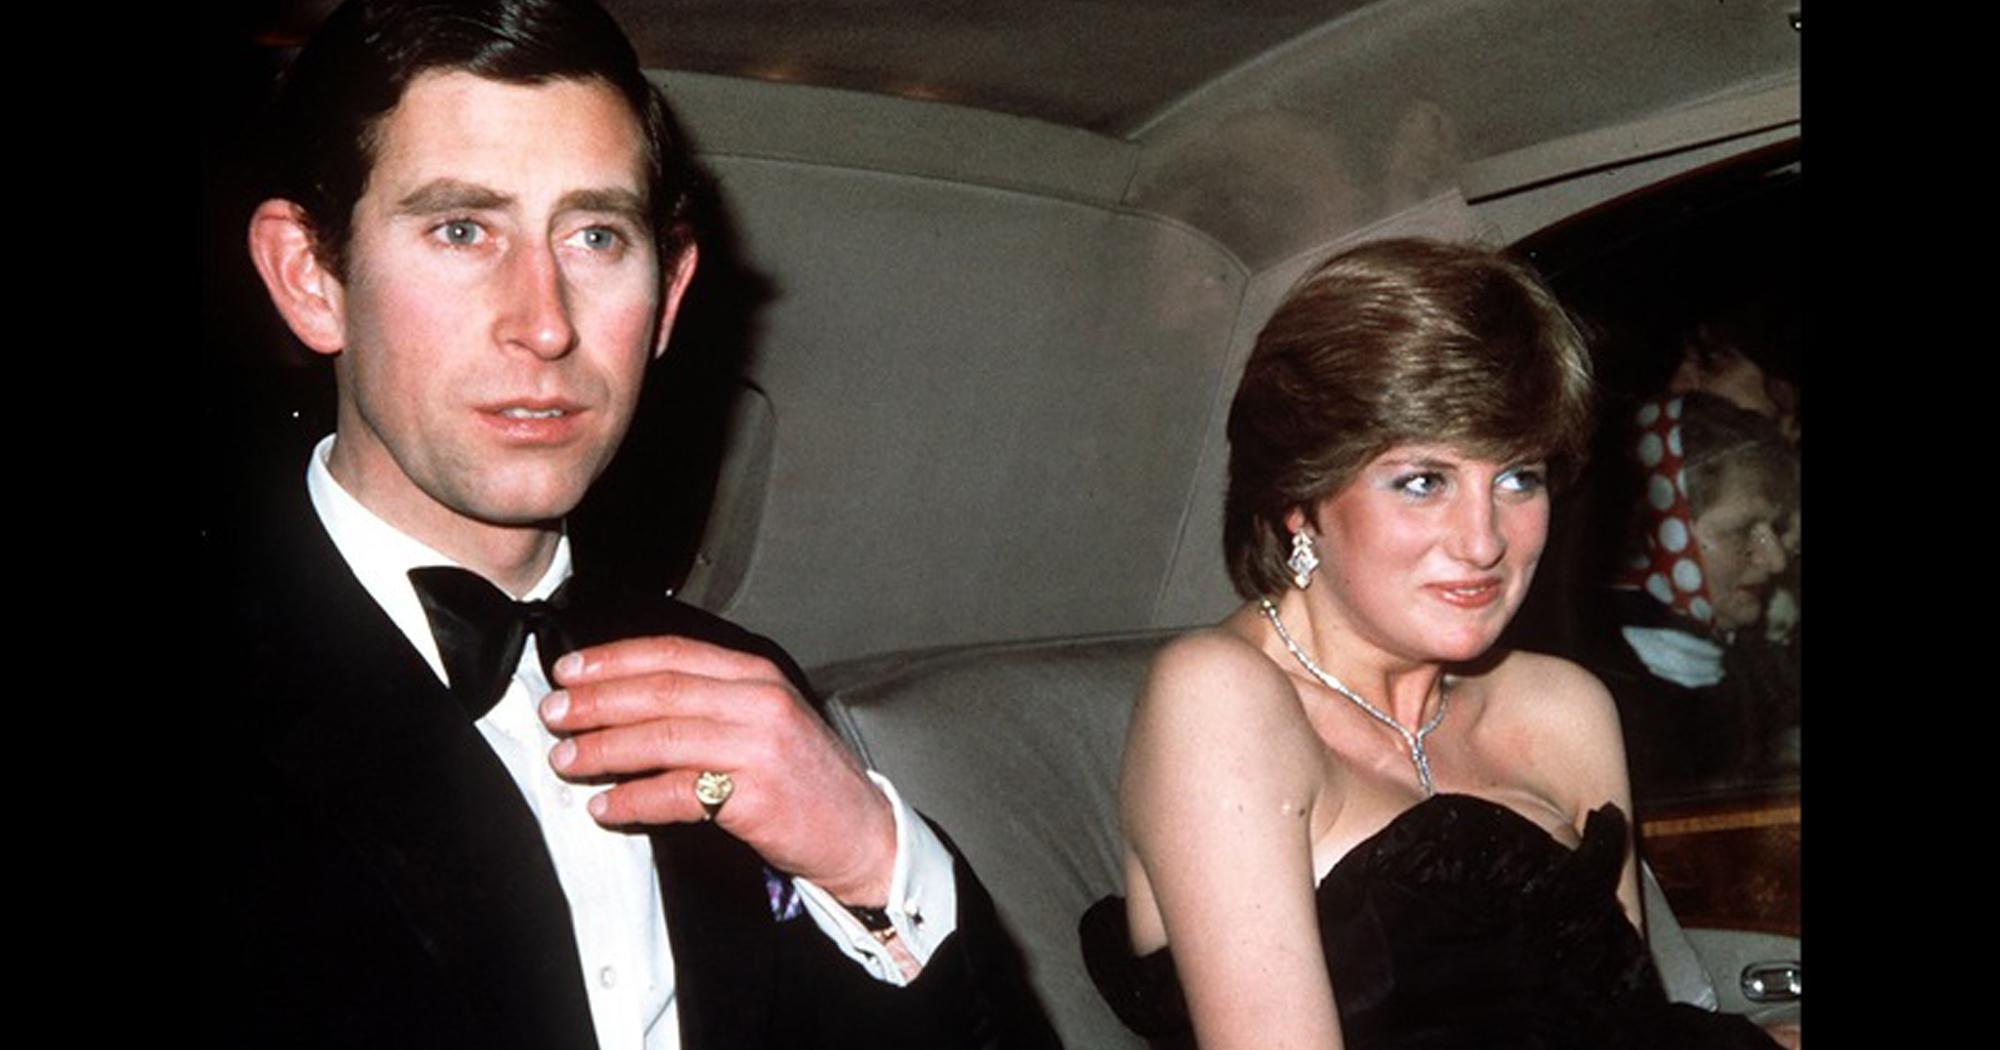 Prinz Charles stellte Lady Di eine Frage, die keine Frau gerne hört